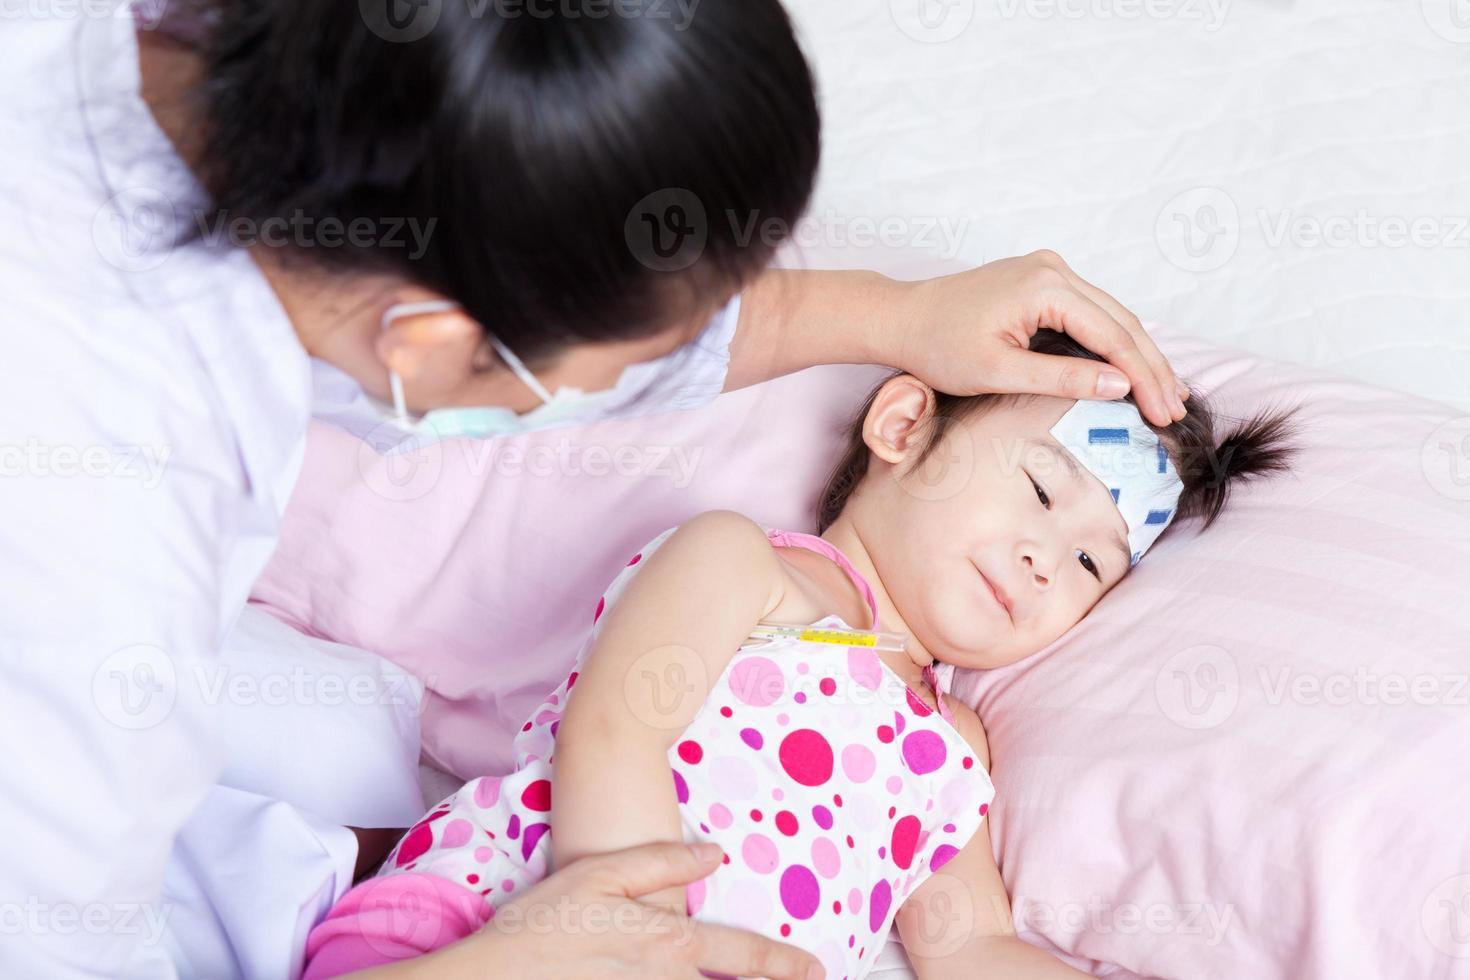 bambina malata allattata da un pediatra foto